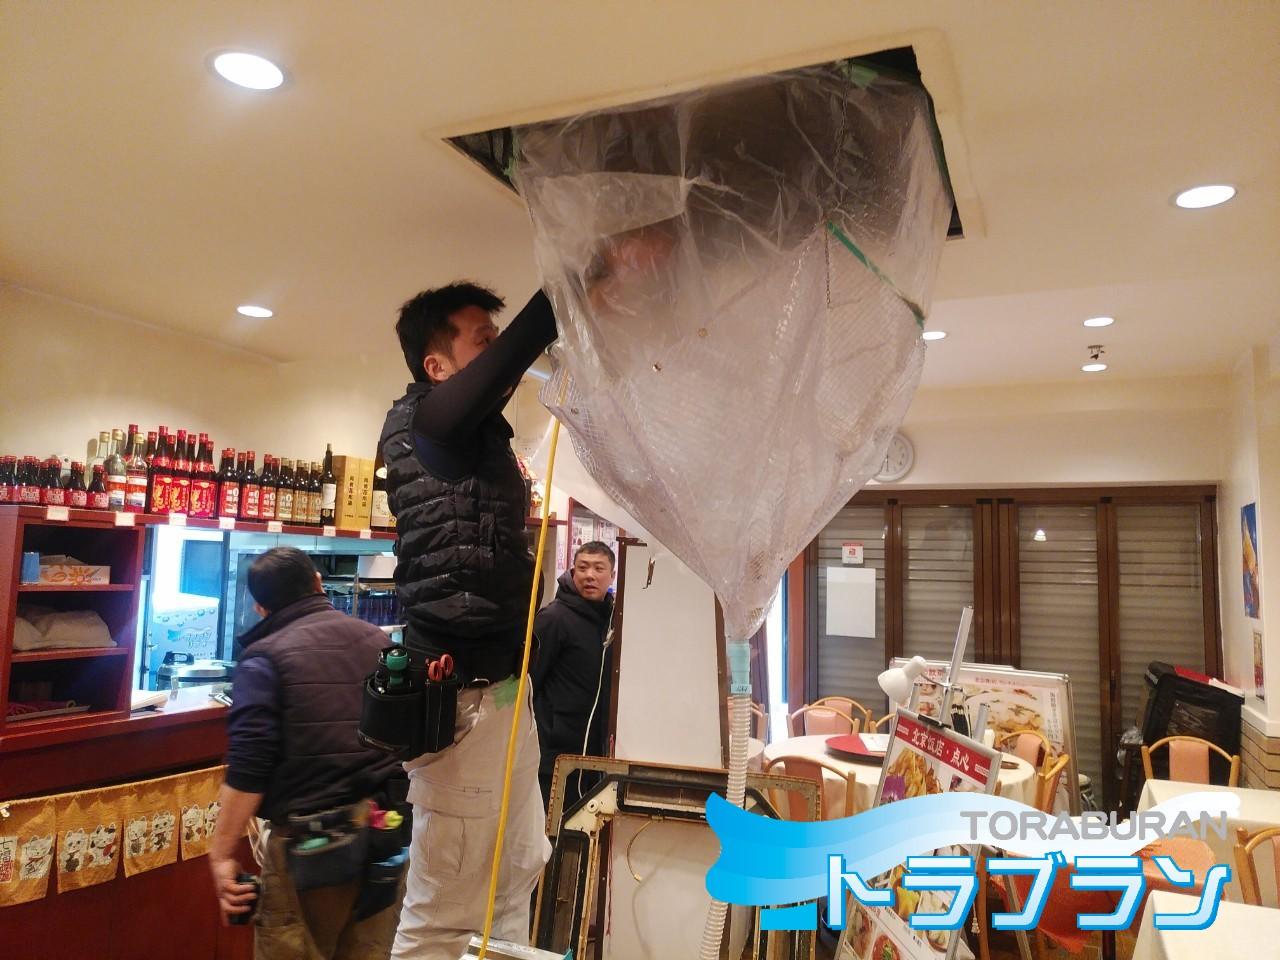 業務用 エアコン クリーニング 高圧洗浄 トラブラン